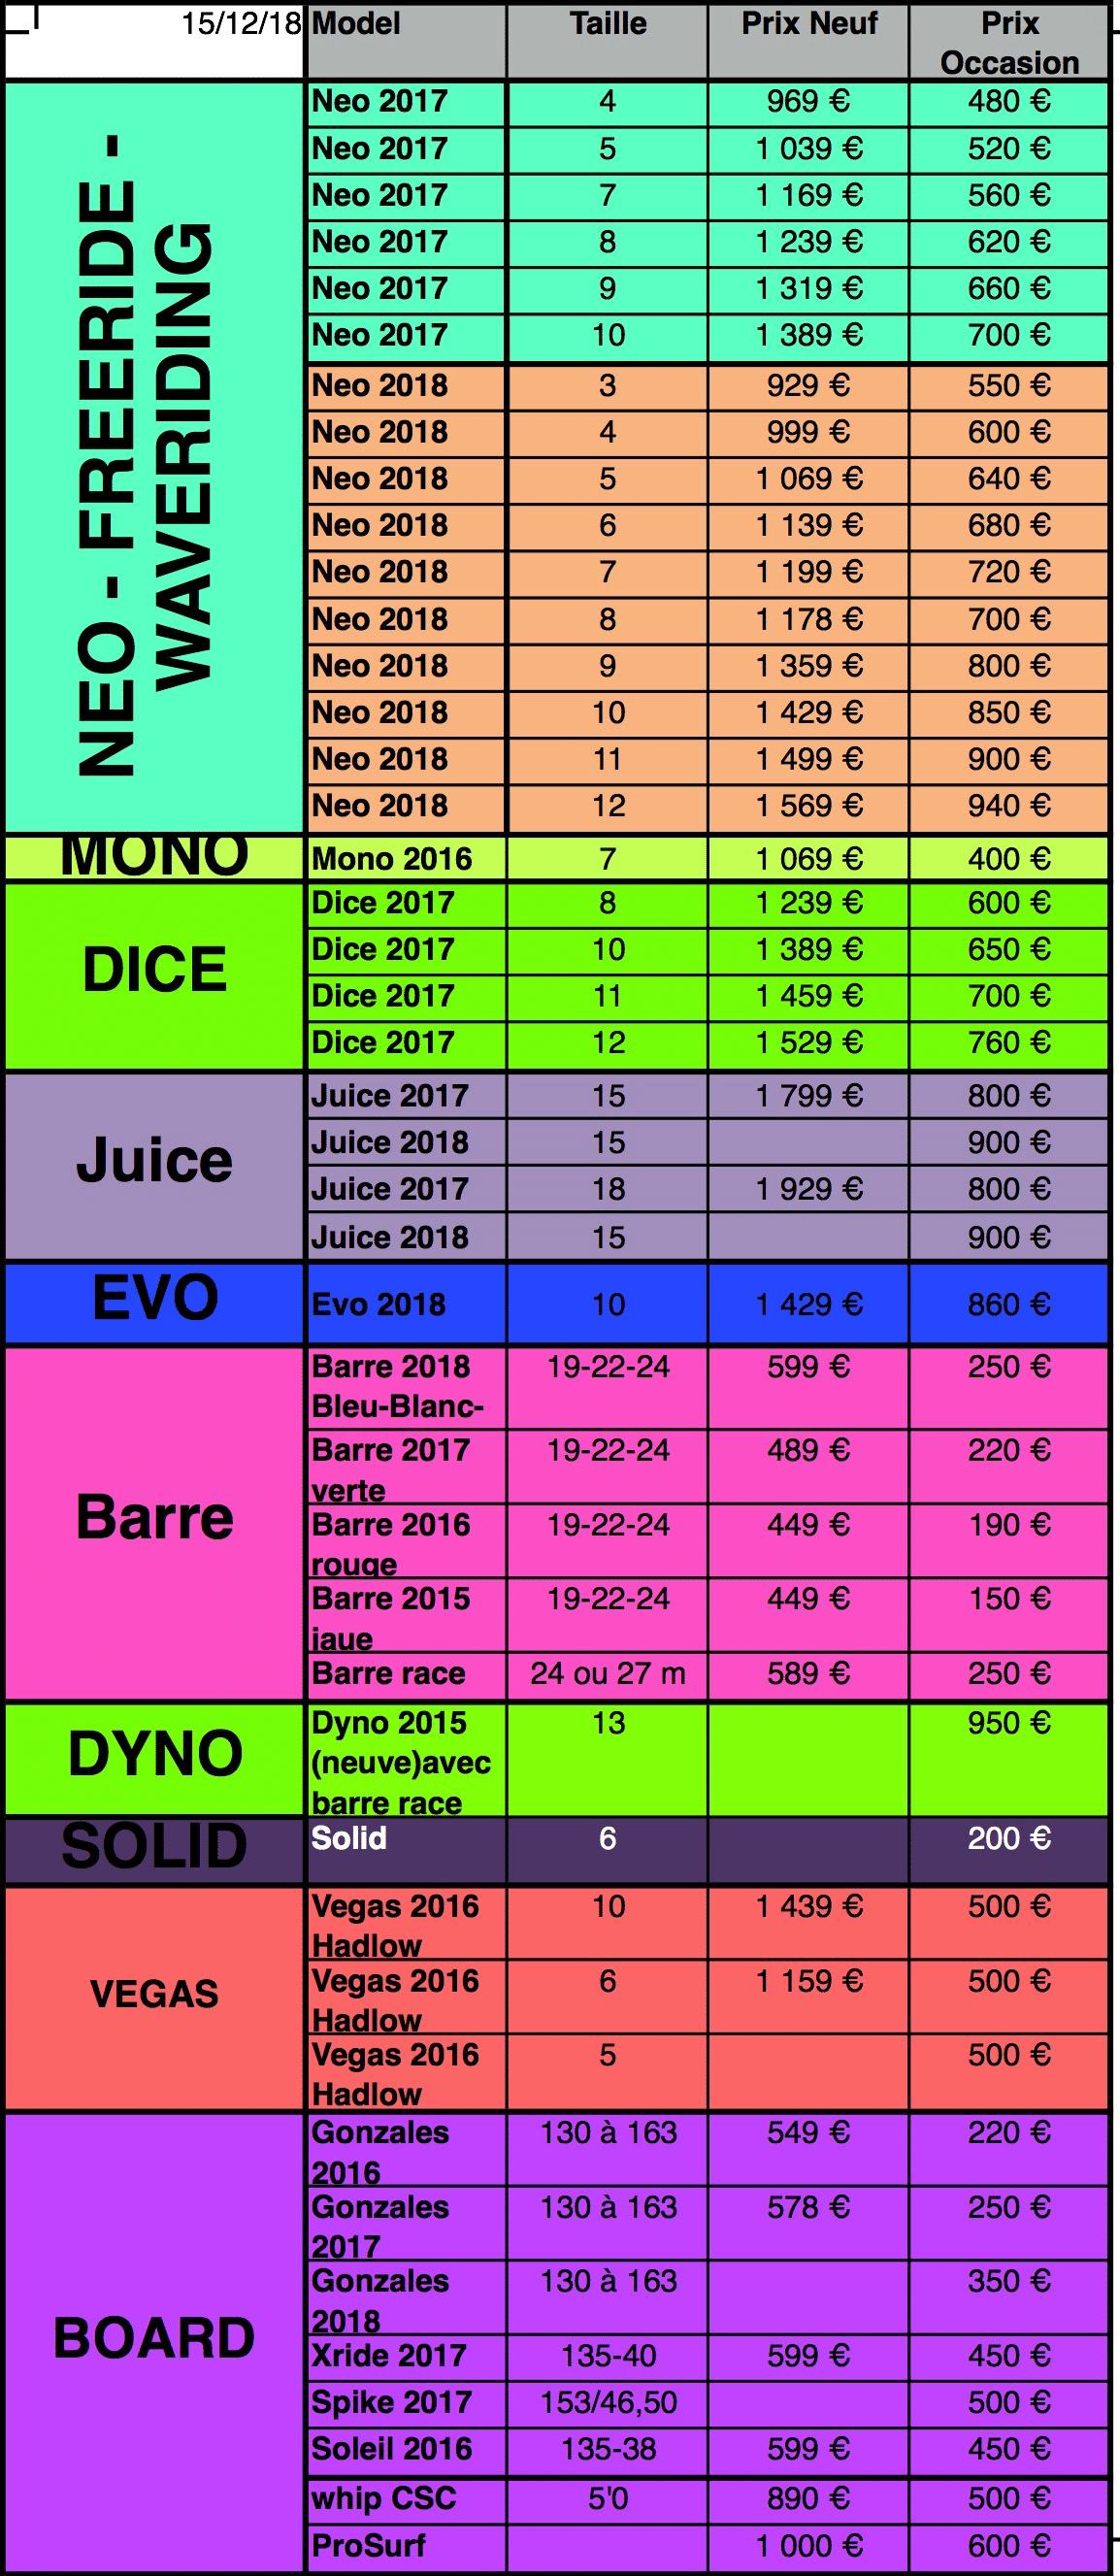 Materiel-occasion-kite-board-barre-2017-2018-au-151218